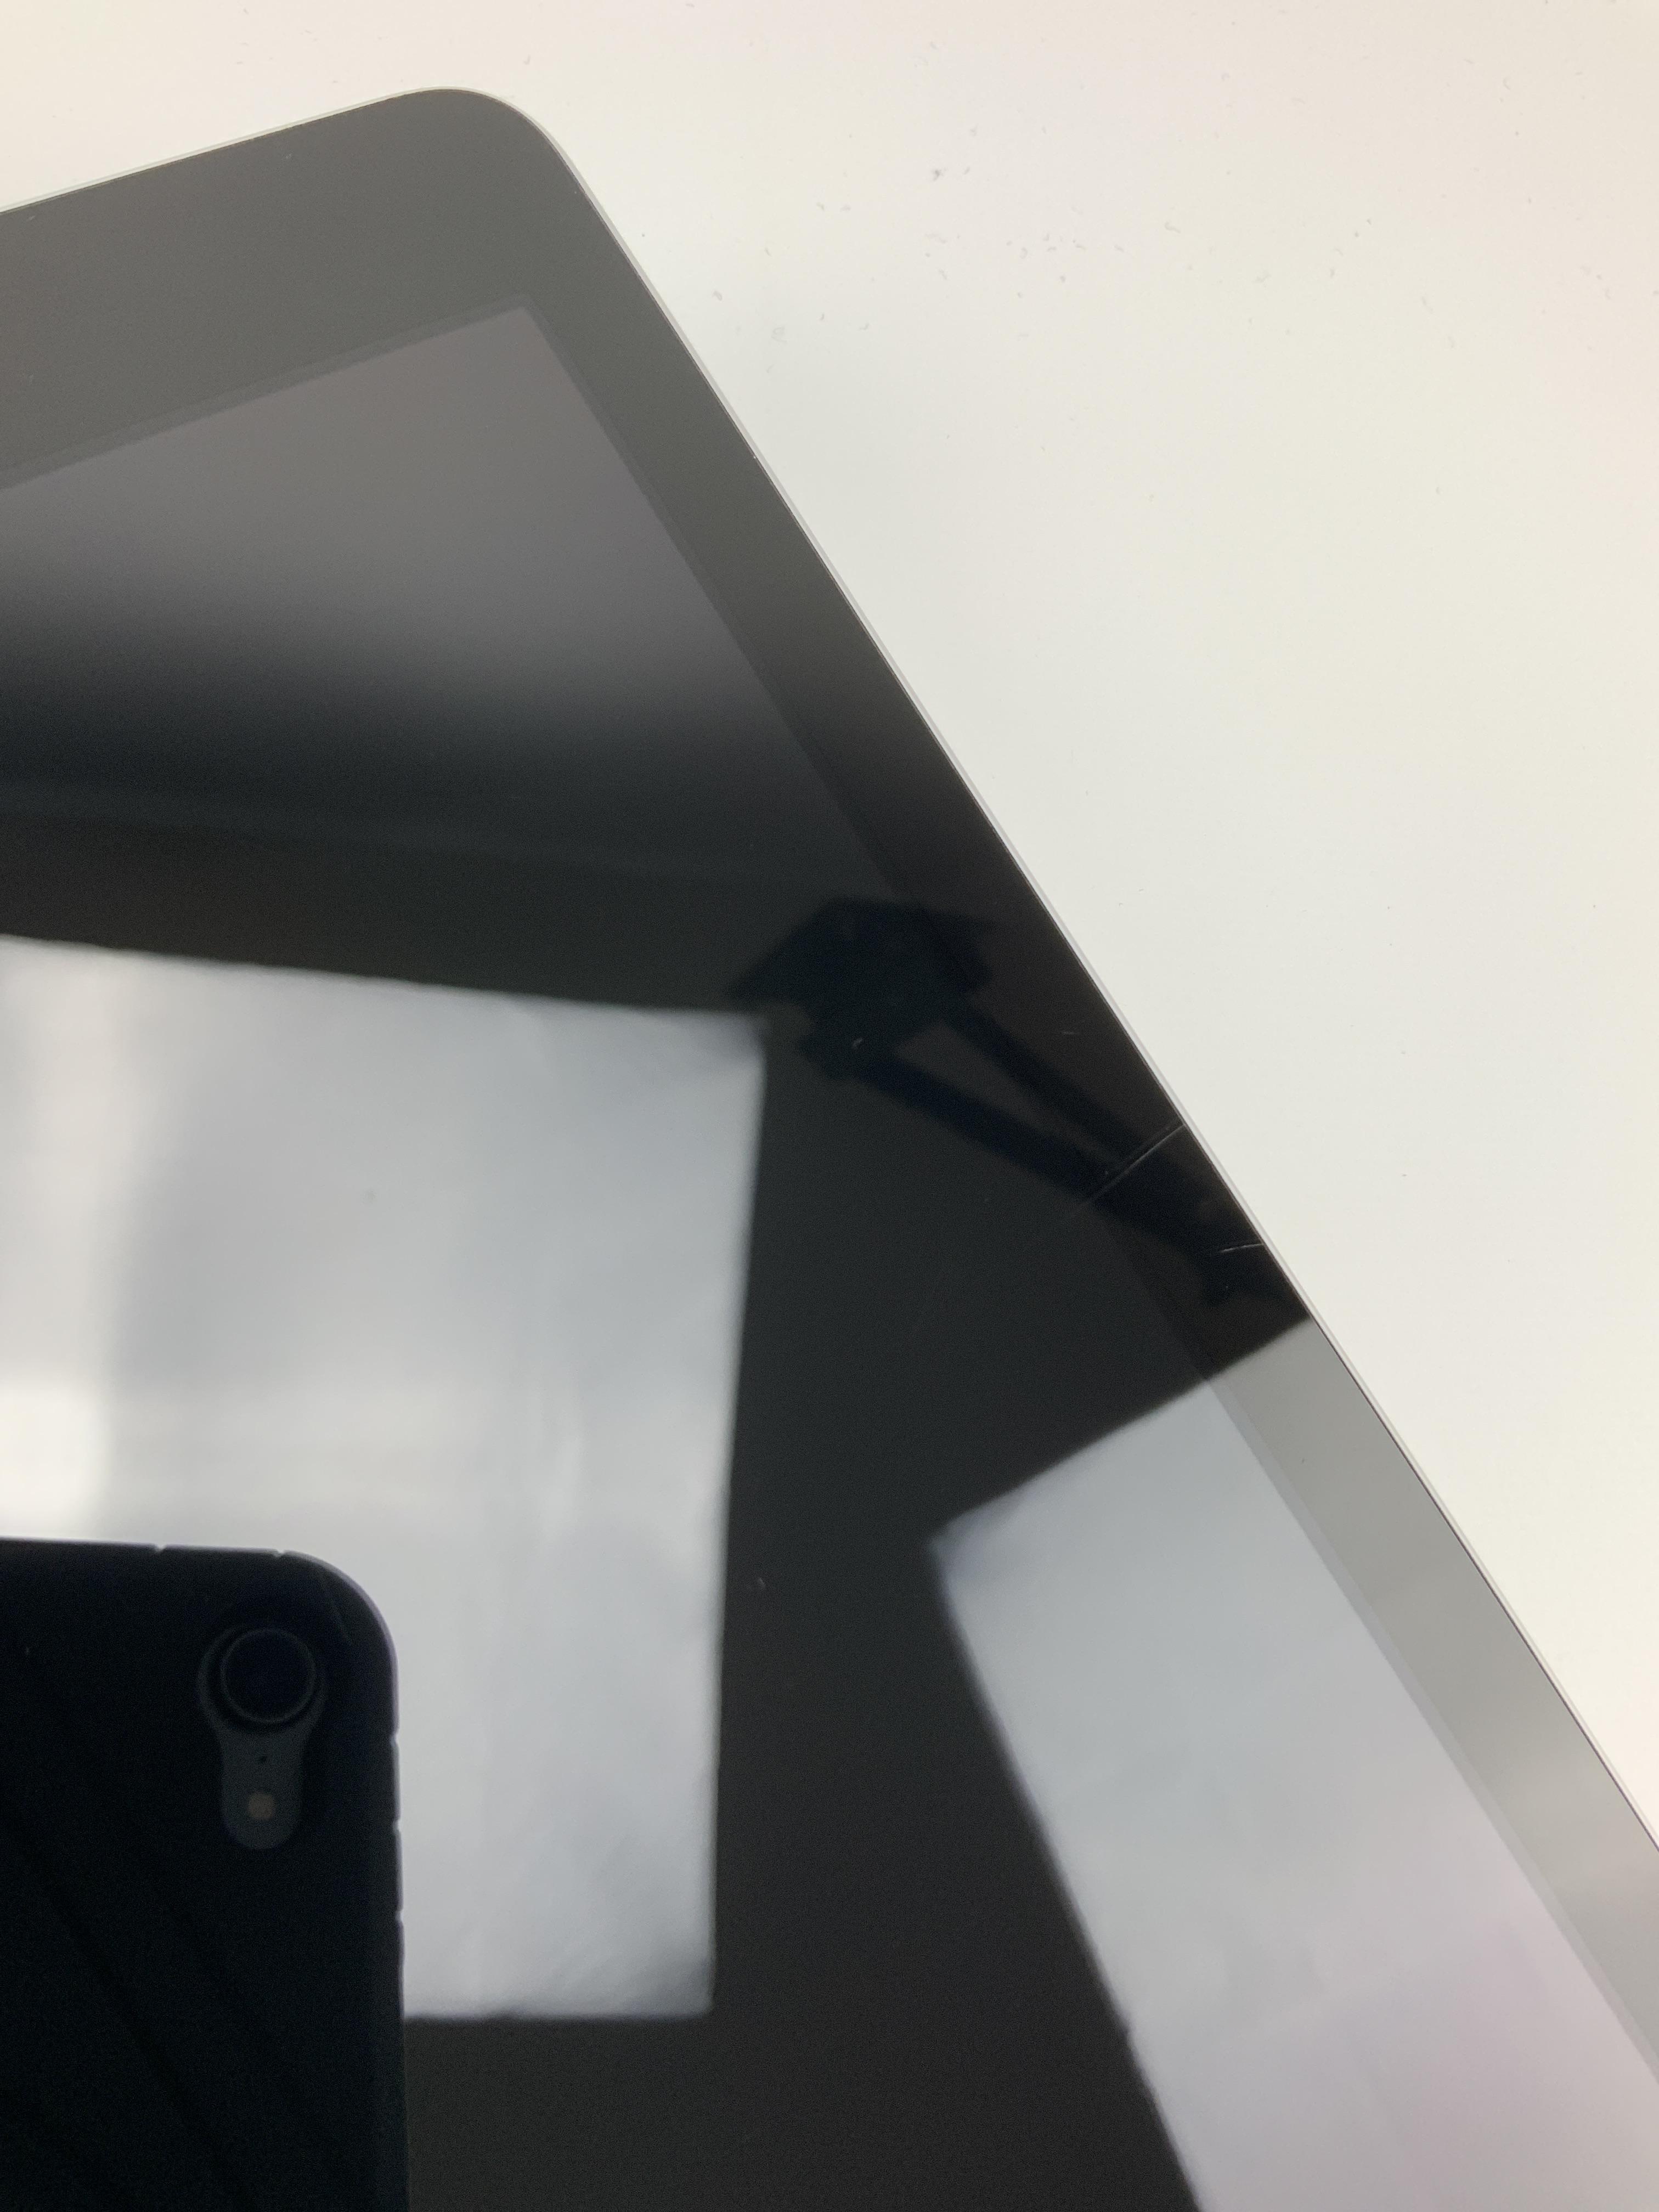 iPad 6 Wi-Fi 32GB, 32GB, Space Gray, immagine 4